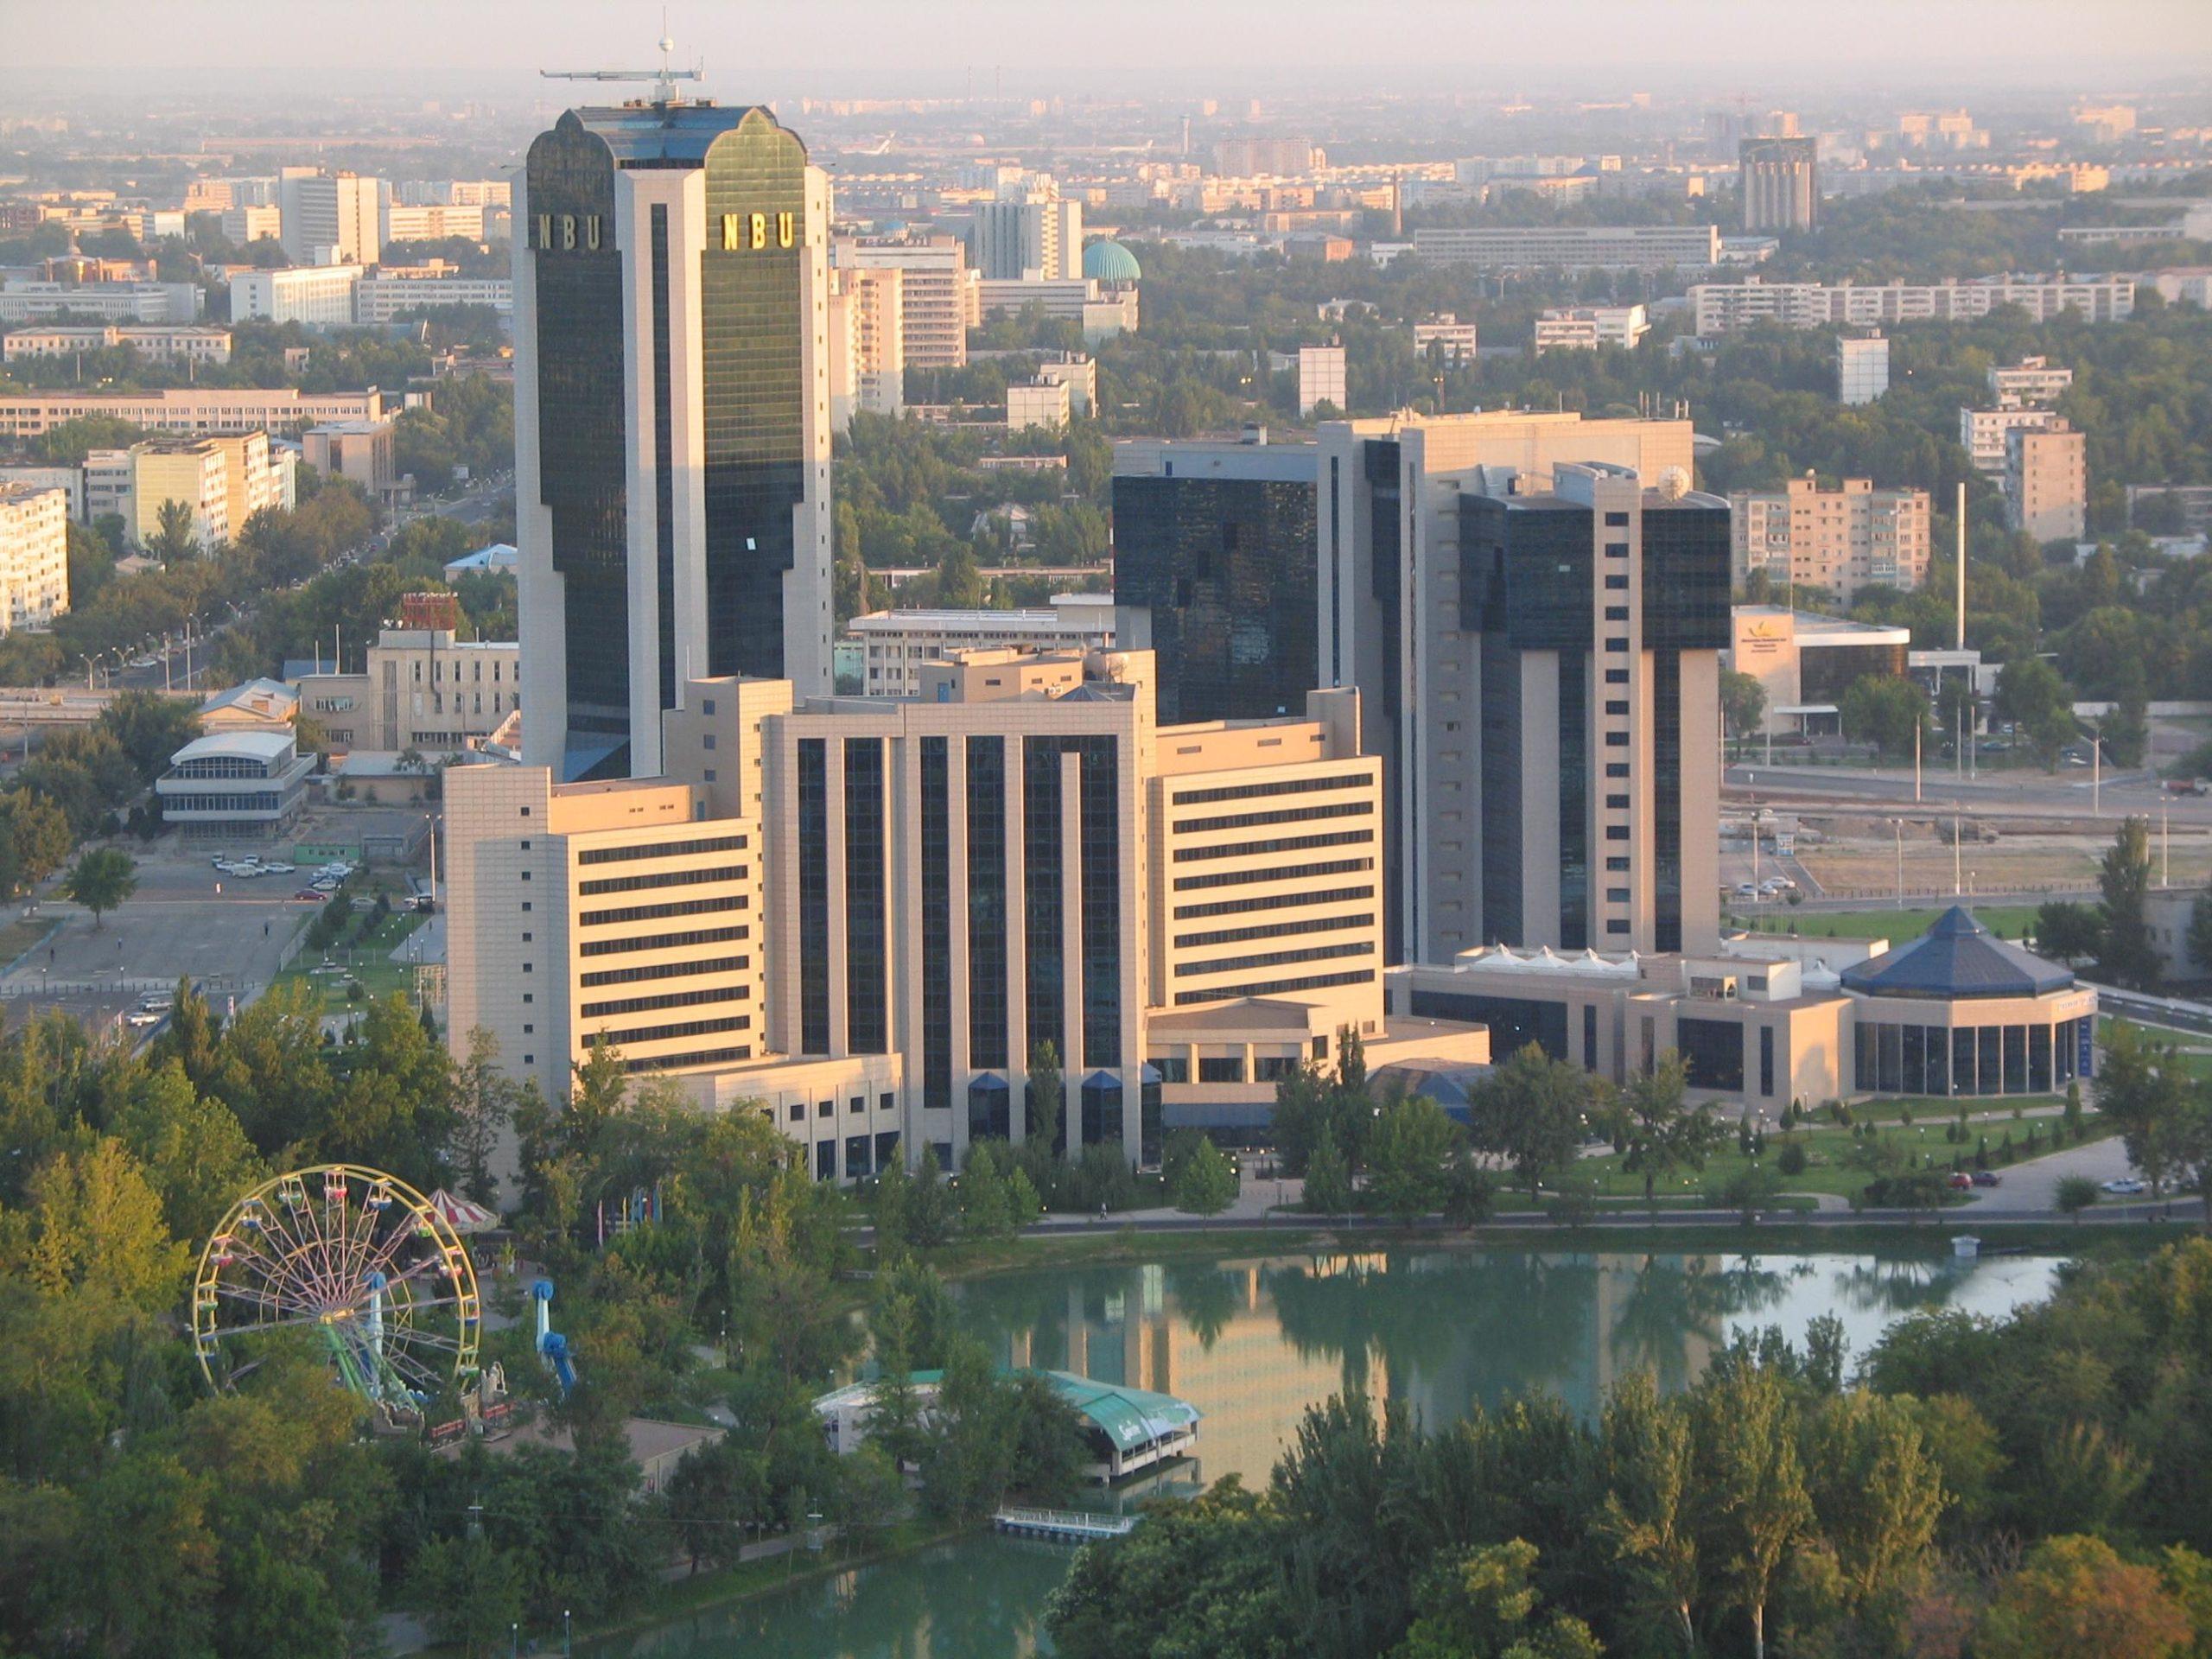 Больше половины узбекских предпринимателей ждут улучшения перспектив для своего бизнеса — ЦЭИР